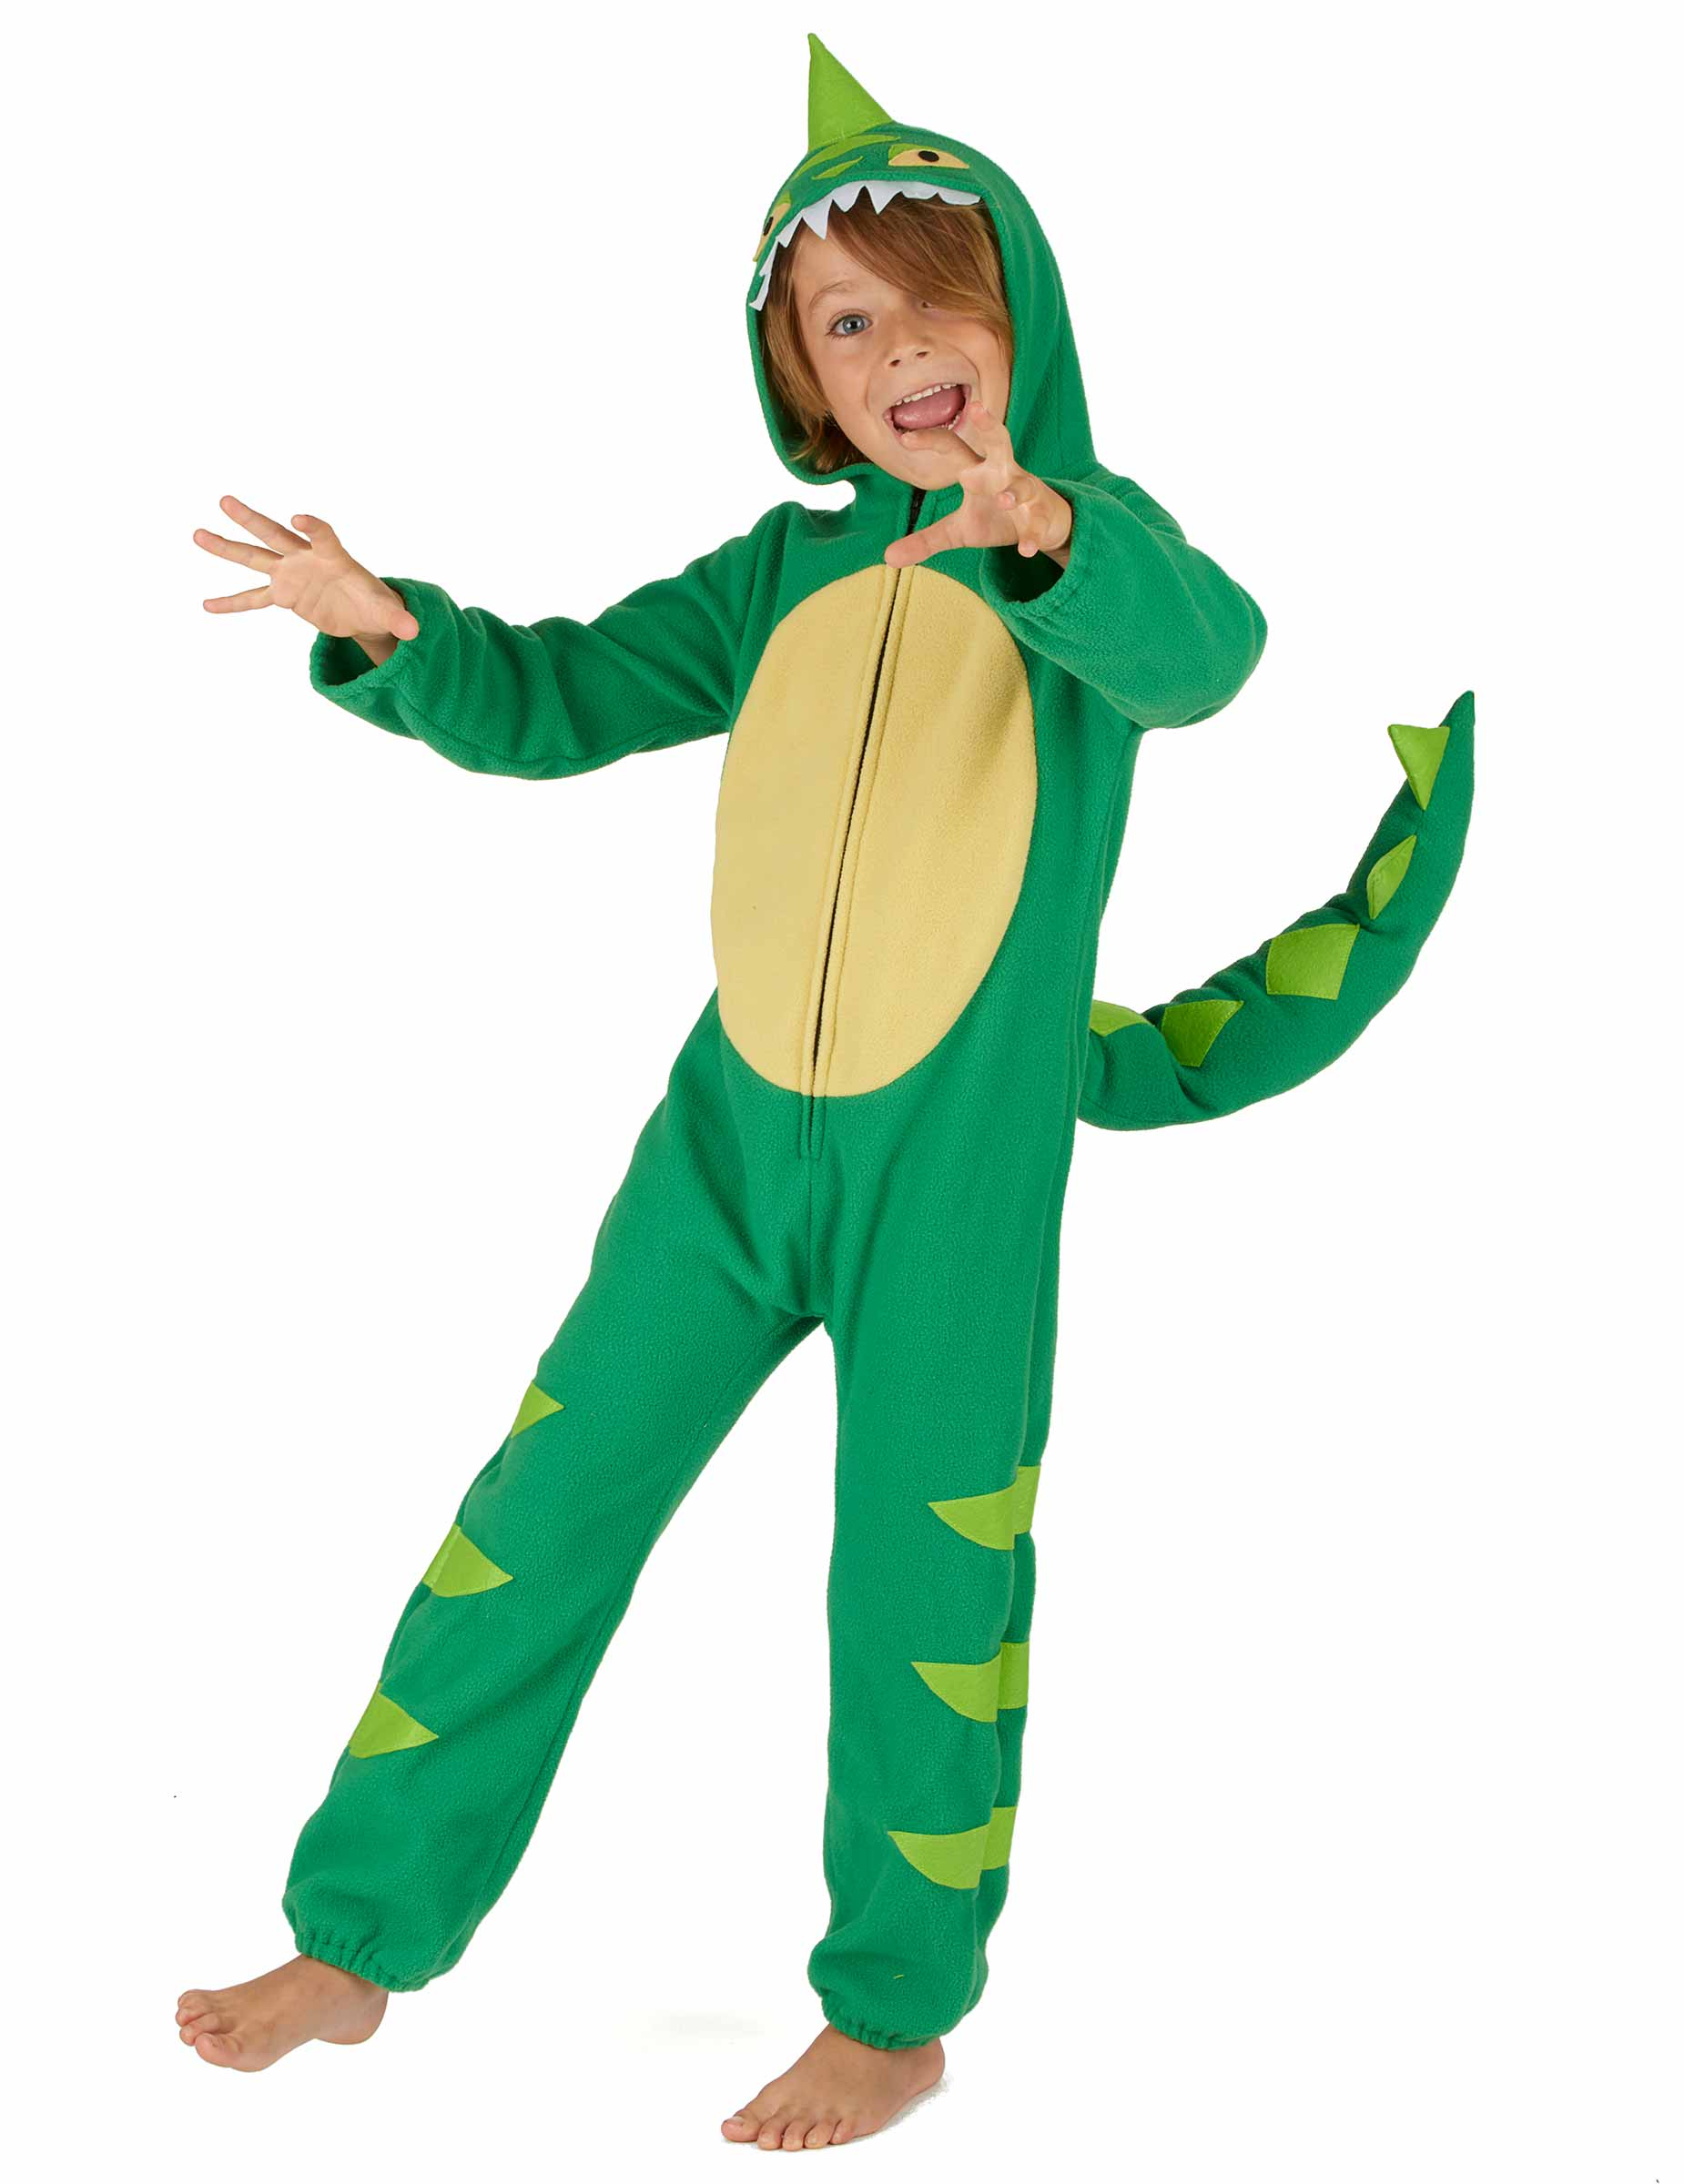 scarpe classiche la moda più votata Promozione delle vendite Costume tuta da dinosauro per bambino